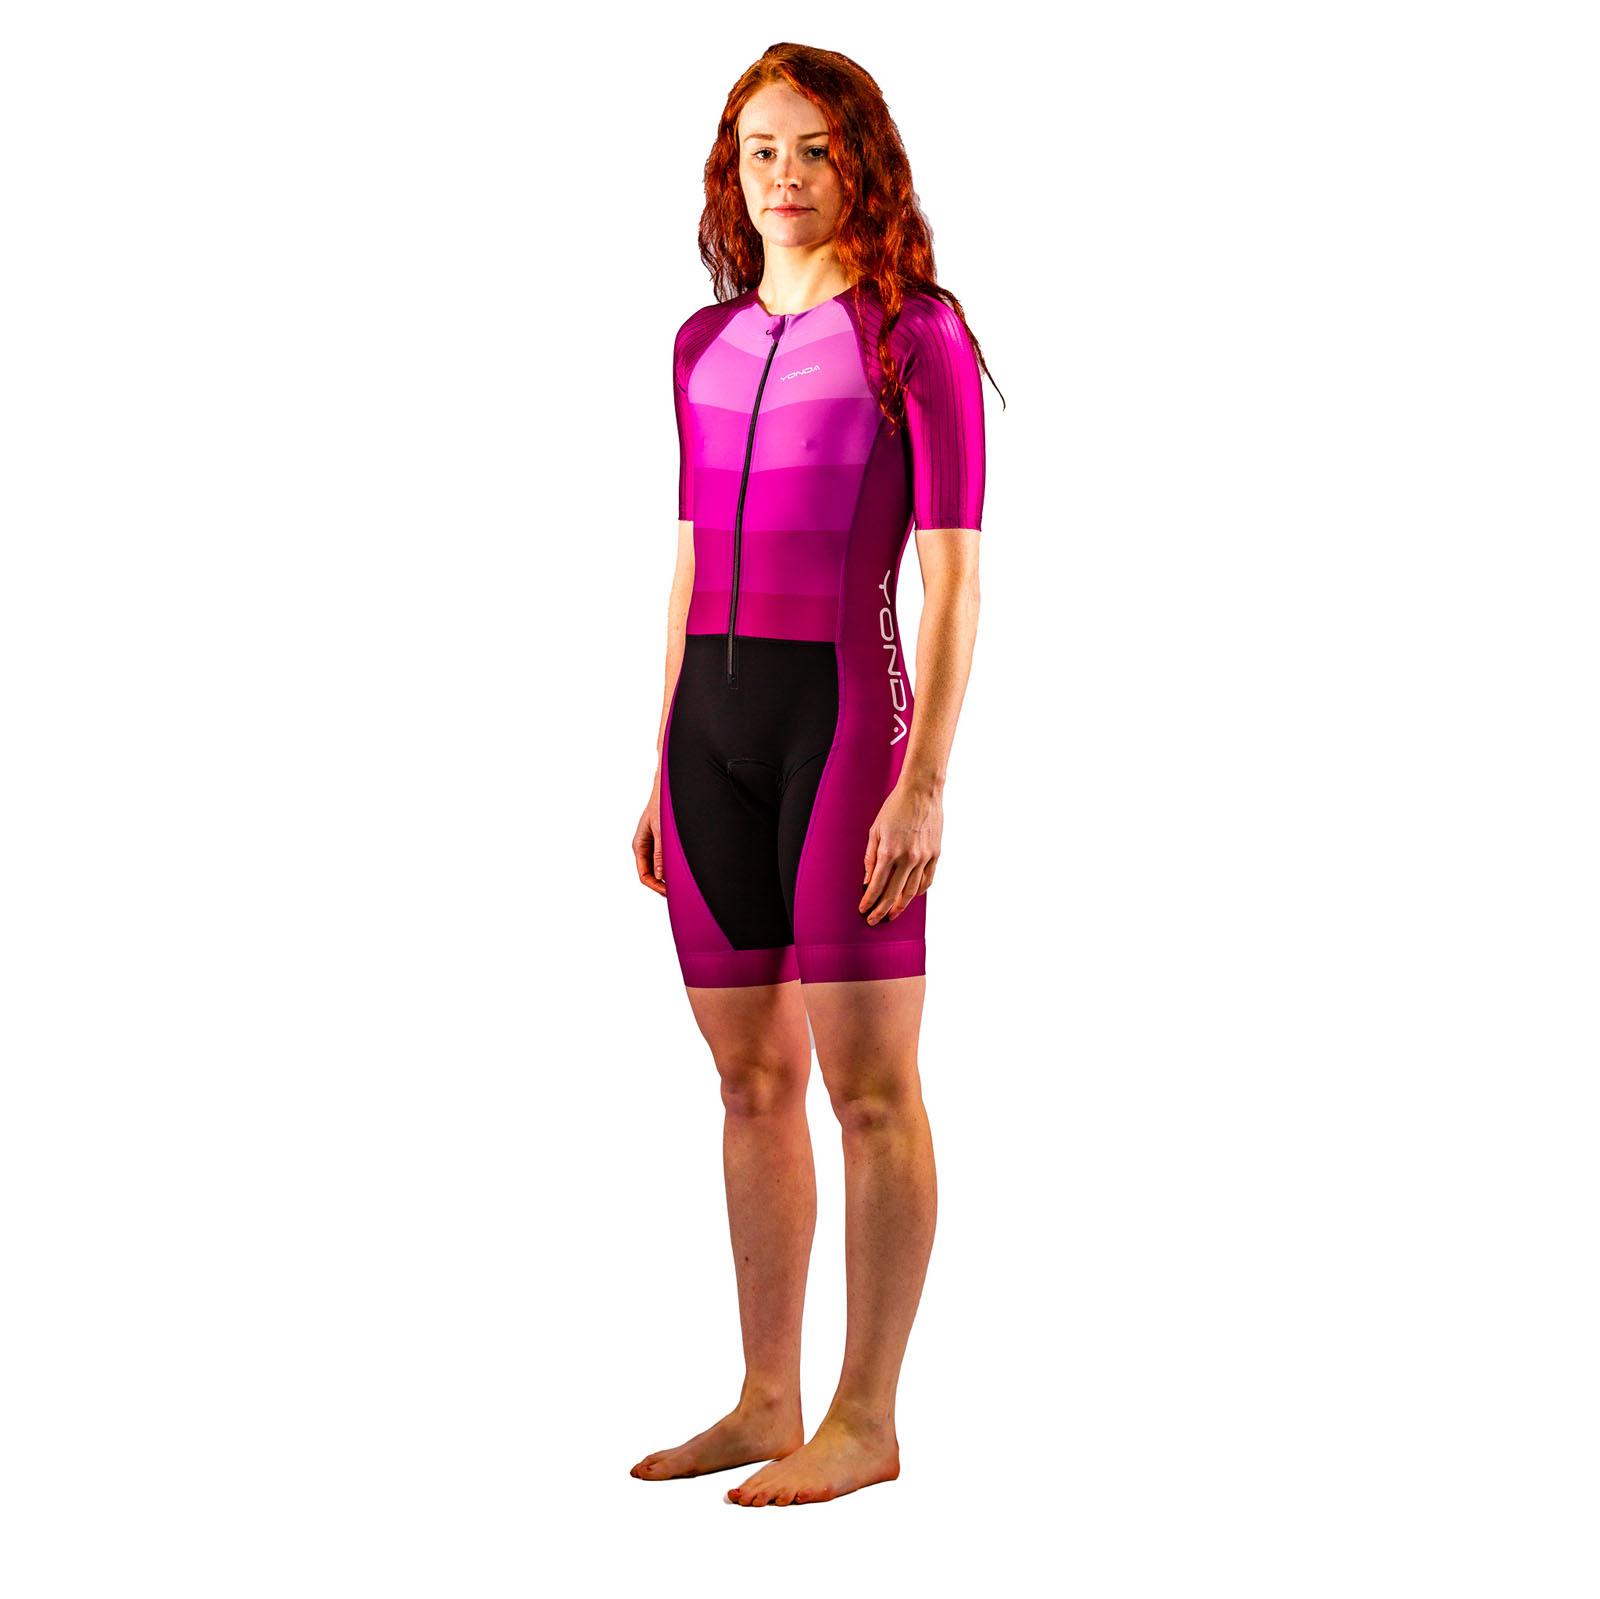 OMBRE Racesuit - Women's